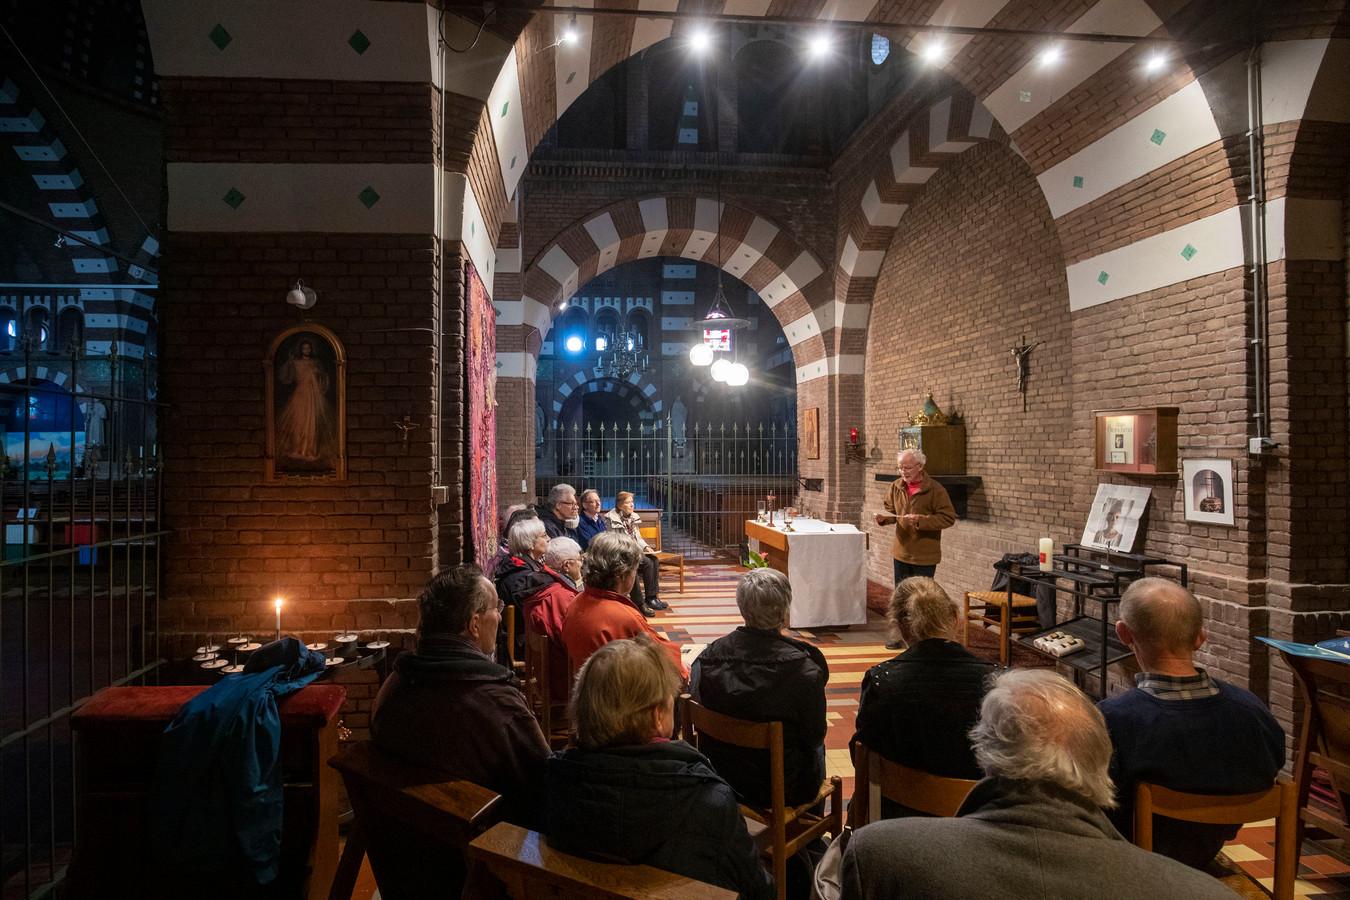 """,,Helaas willen wereldleiders van verzoening niks weten, vergelding is wat zij willen"""", zegt Piet Muilwijk bij aanvang van het Coventrygebed in de katholieke kerk in Wageningen. De gepensioneerde leraar gaat voor bij dit wekelijkse vredesgebed, een voorbeeld van de bijzondere samenwerking van de christelijke kerken in Wageningen."""